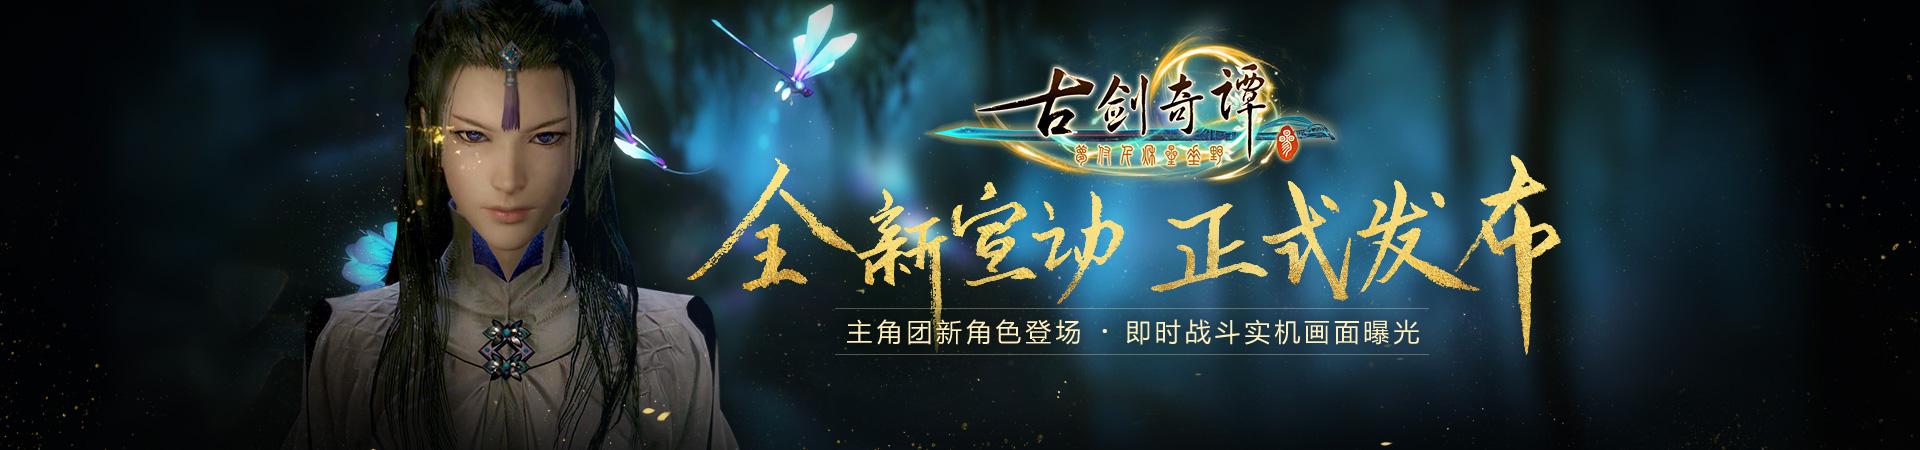 《古剑奇谭三》第二支宣动及官网今日上线